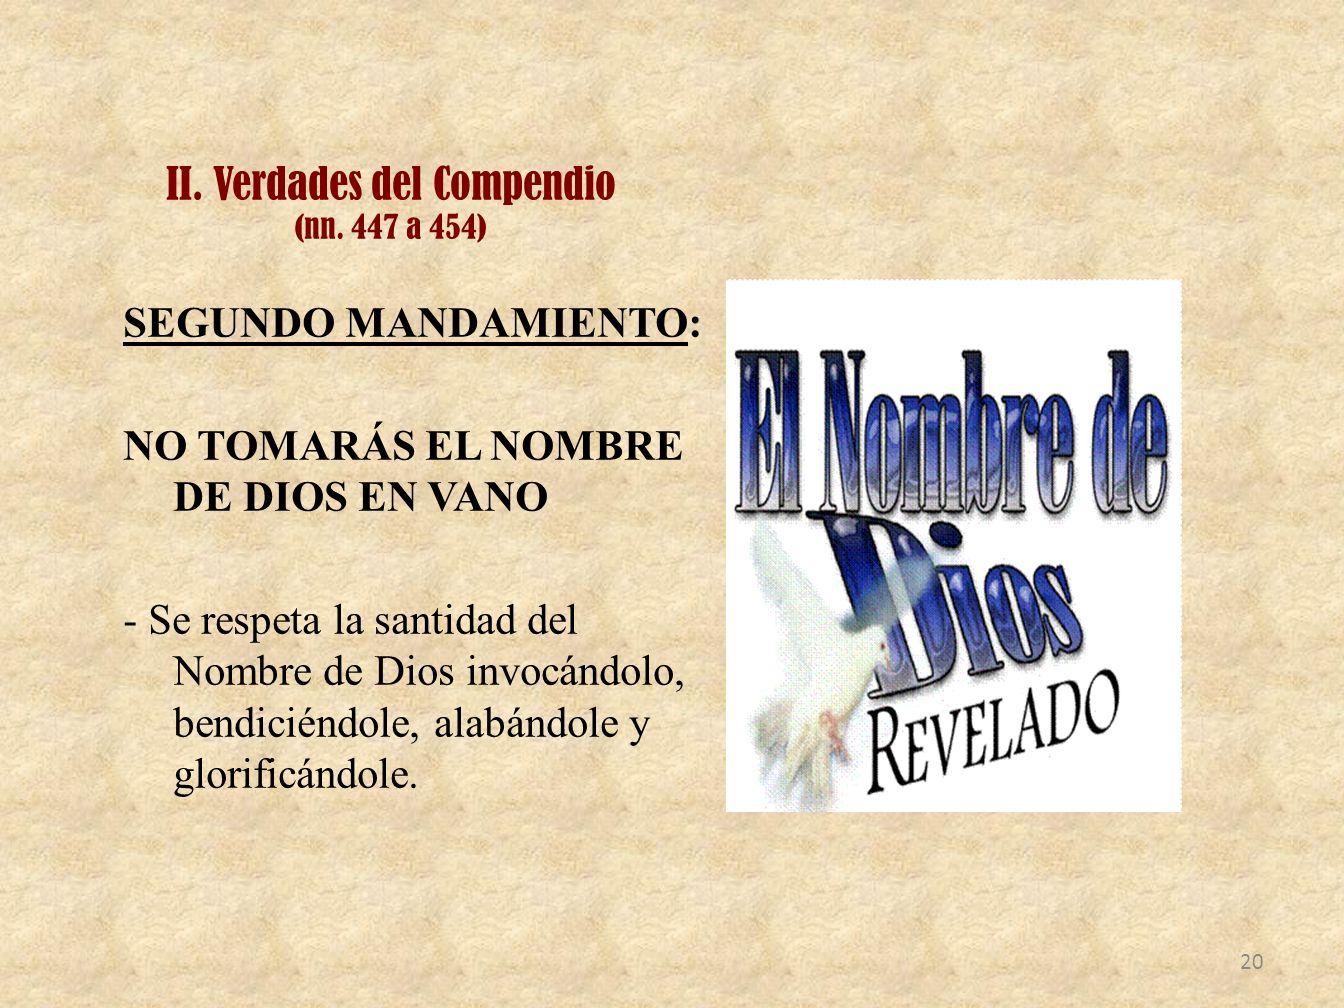 II. Verdades del Compendio (nn. 447 a 454) SEGUNDO MANDAMIENTO: NO TOMARÁS EL NOMBRE DE DIOS EN VANO - Se respeta la santidad del Nombre de Dios invoc